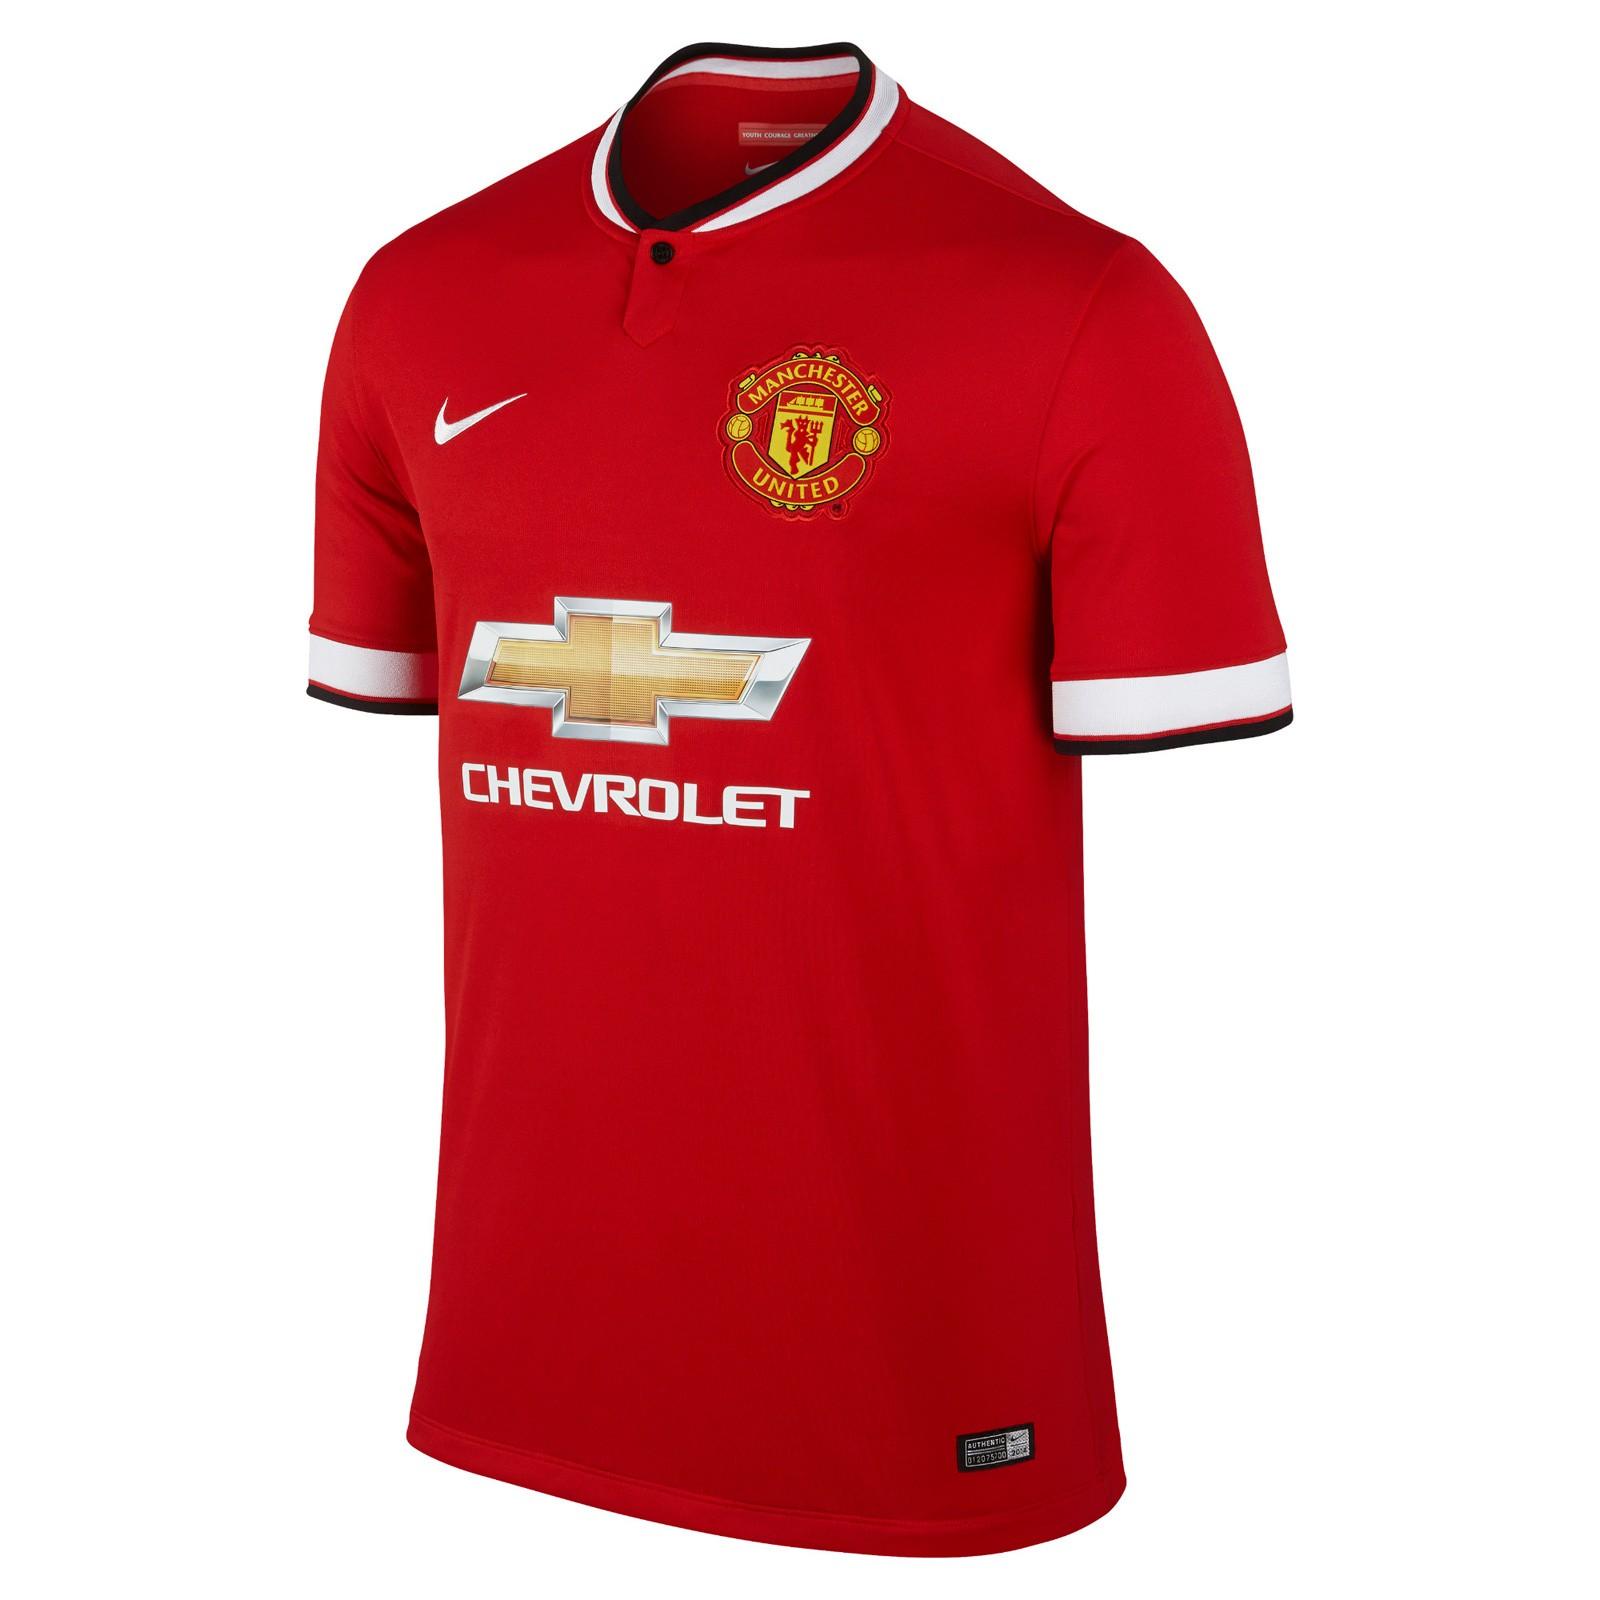 曼彻斯特联2014-15赛季球迷版主场球衣